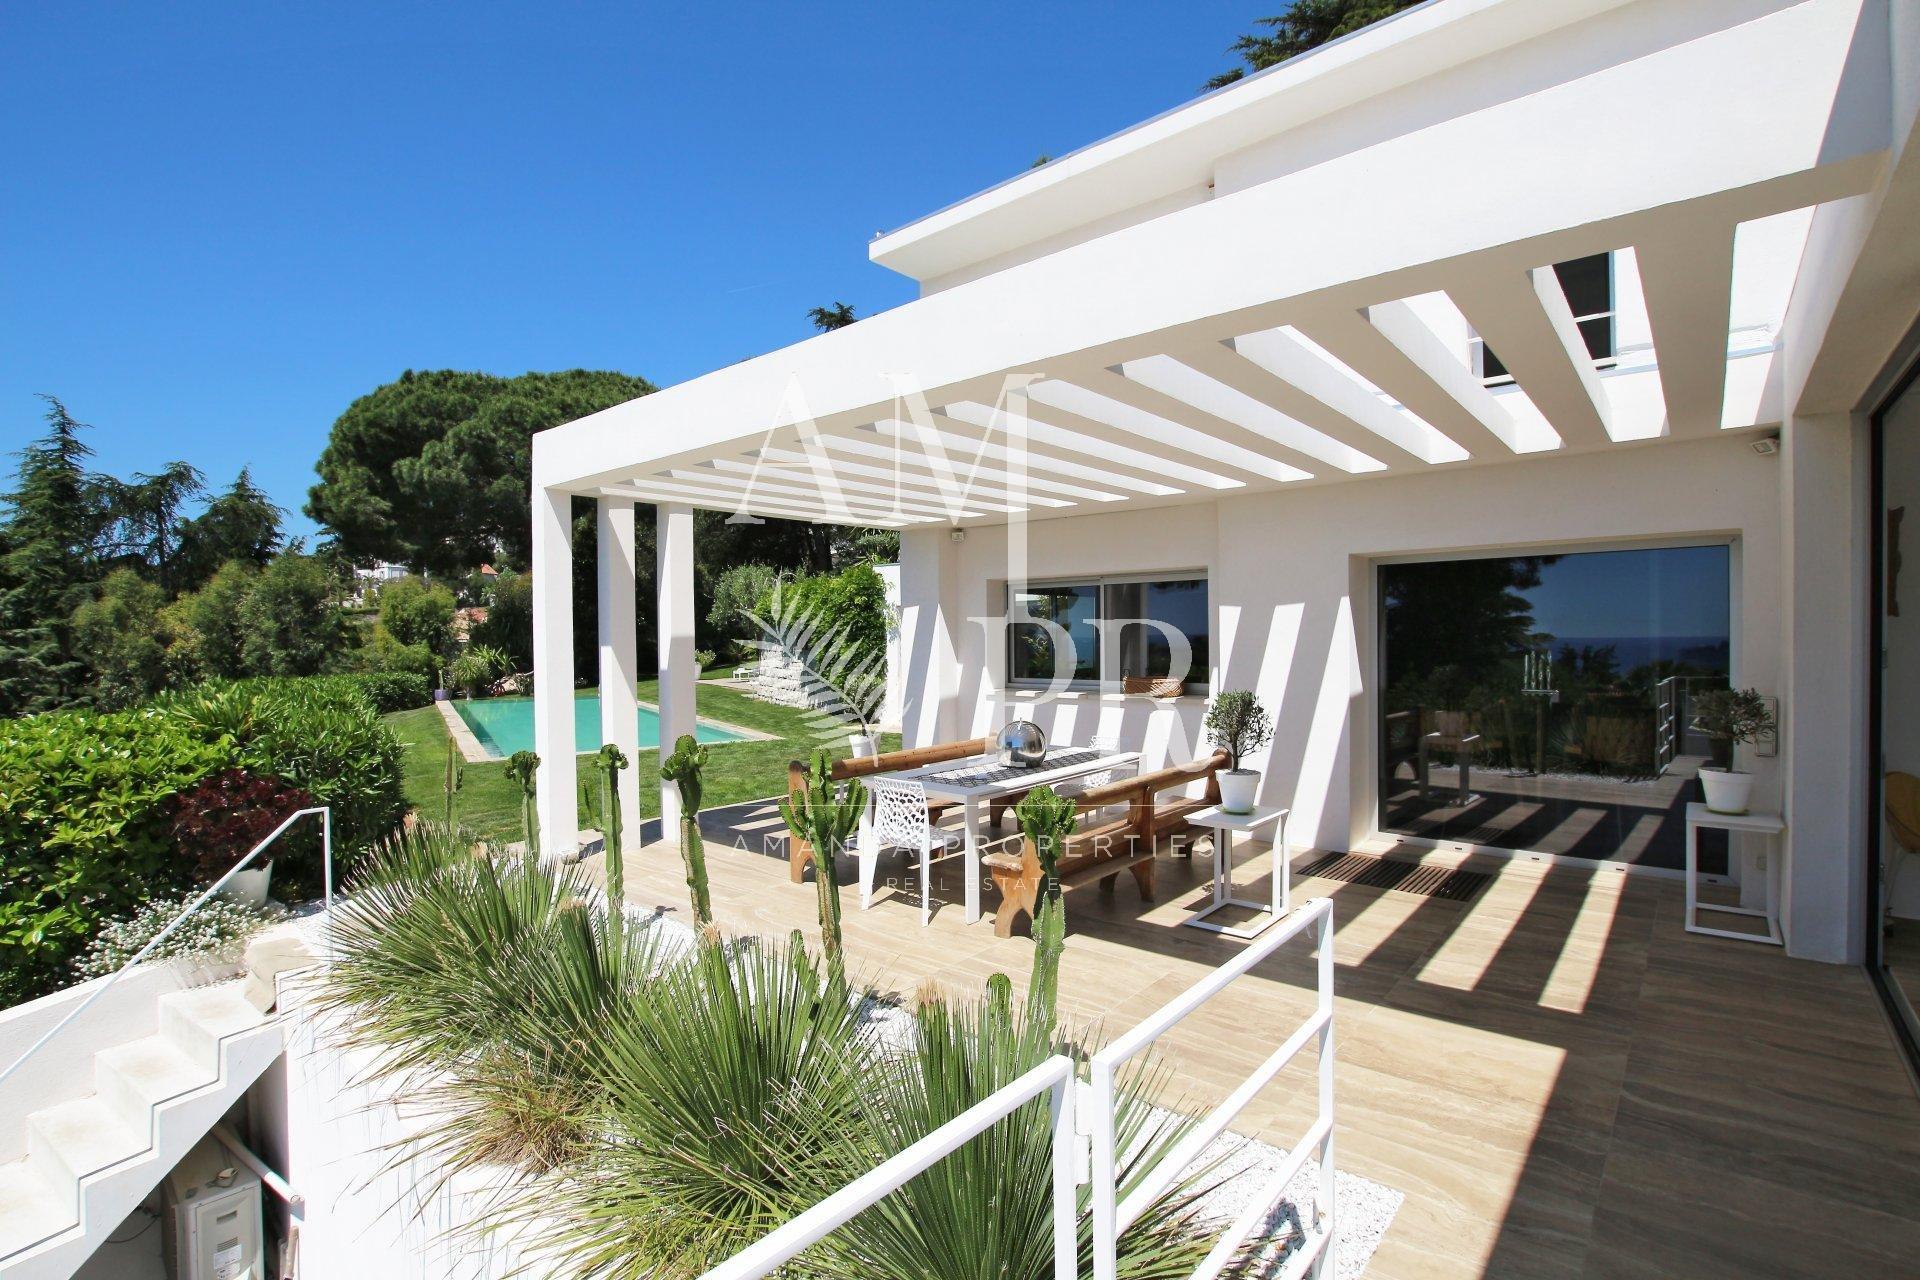 Cannes - Croix des gardes - Villa Contemporaine Haut Standing Panoramique Vue mer - Congrès / Vacances  -  10 Personnes